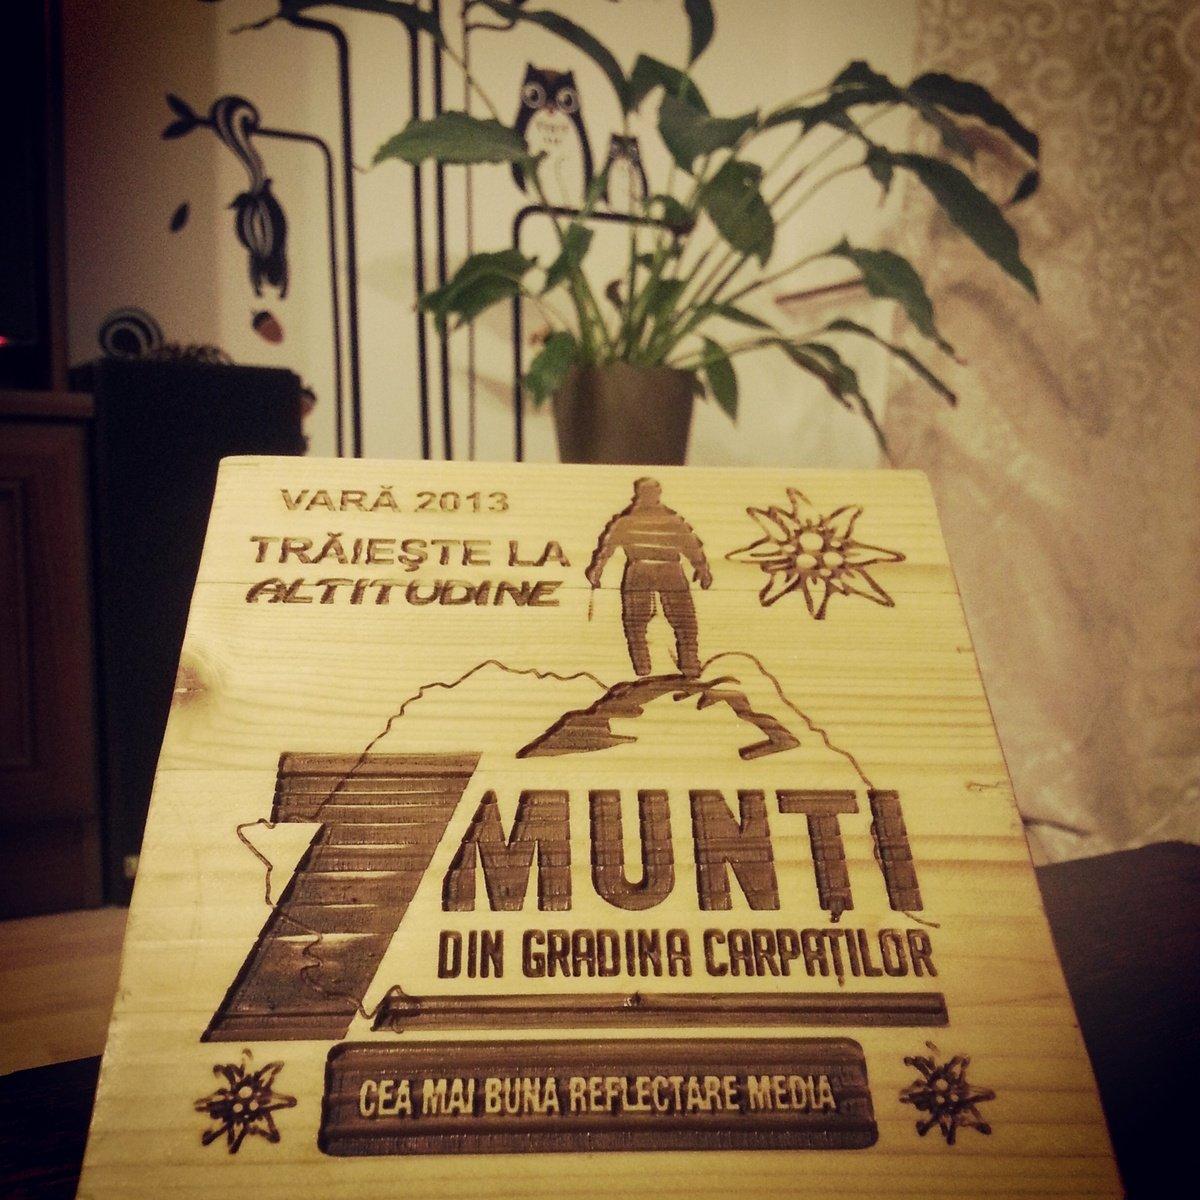 Premiul 7 munti din Gradina Carpatilor